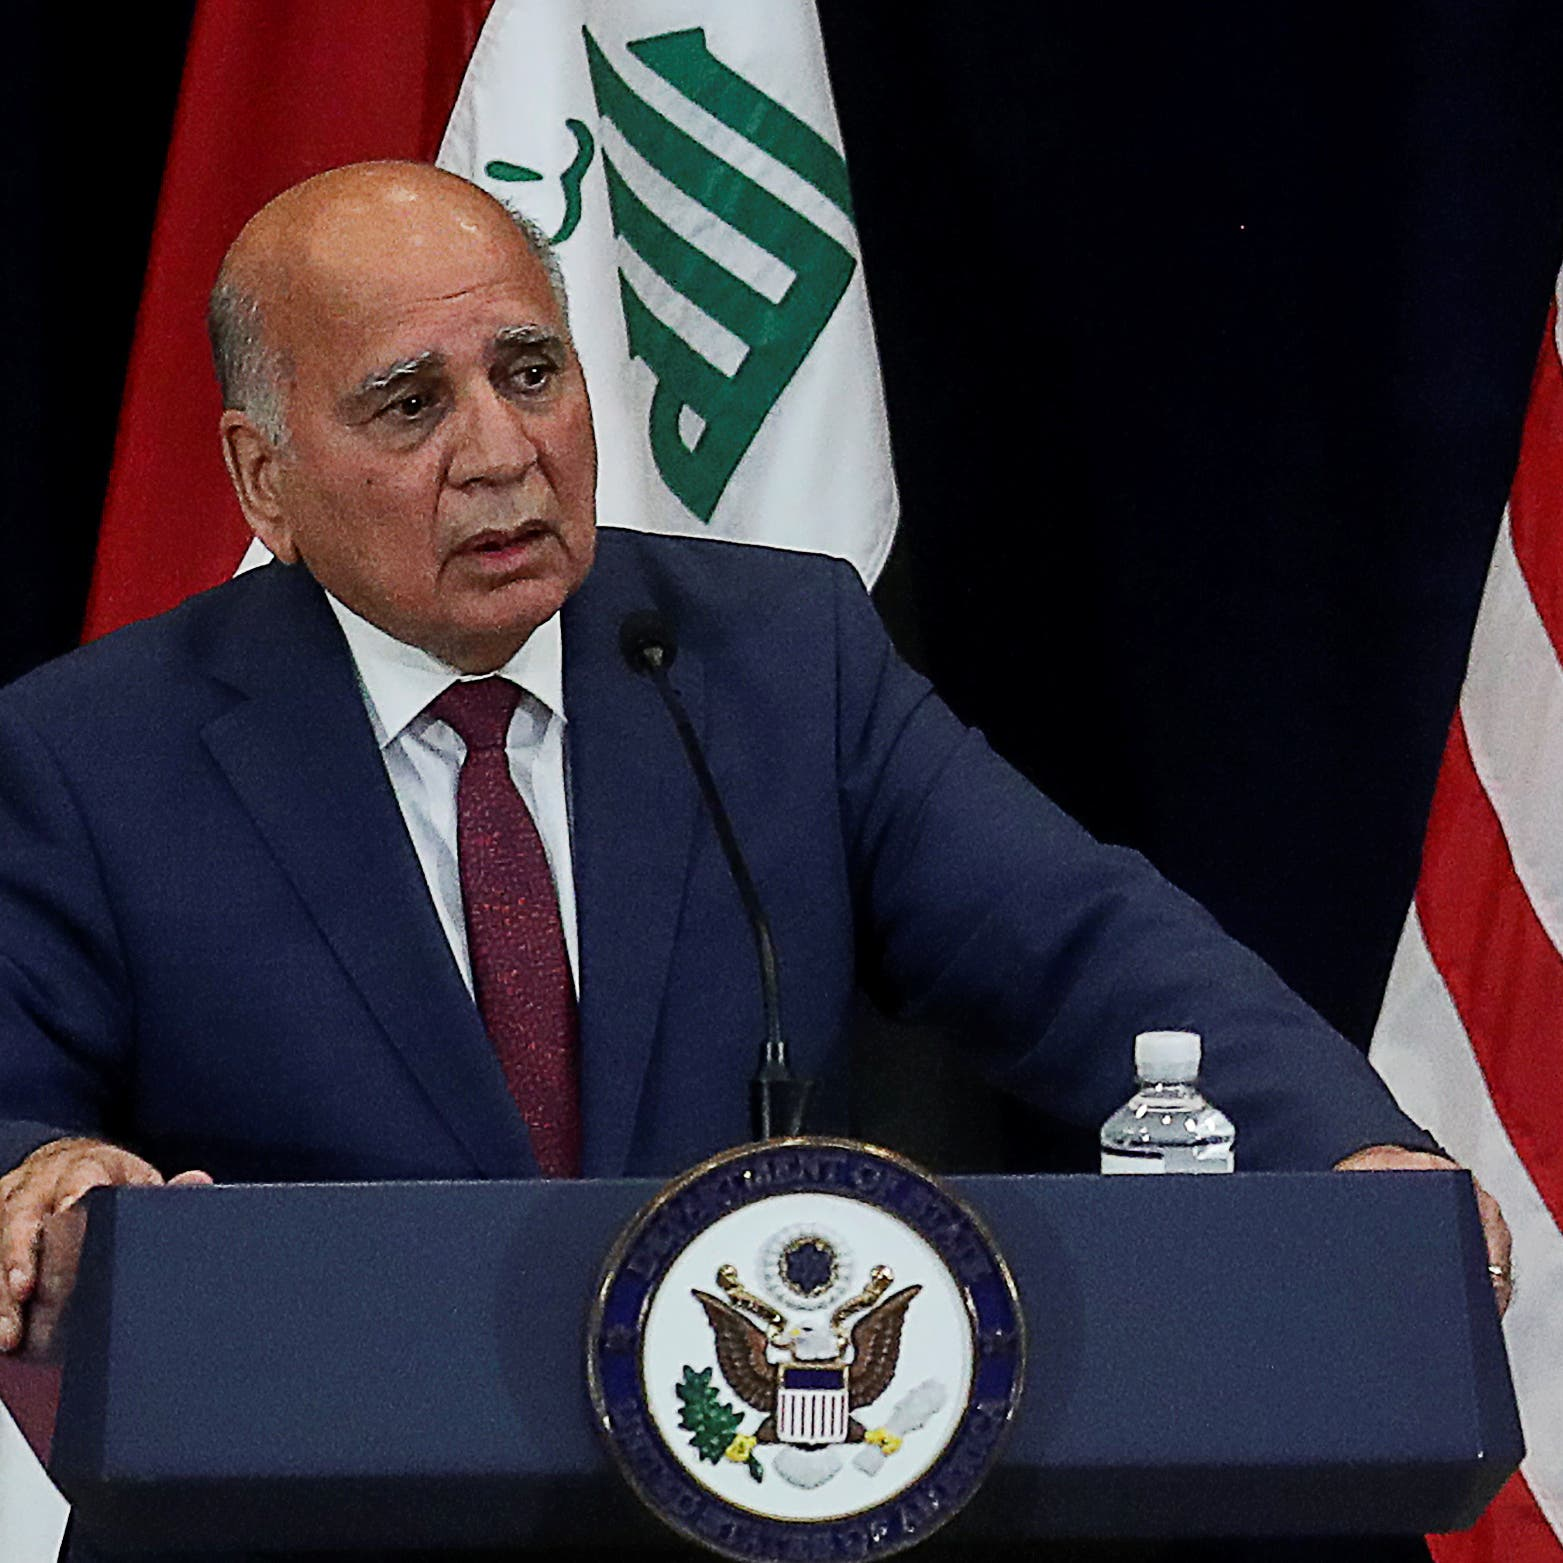 وزير خارجية العراق: أمننا مترابط مع الأمن الأوروبي